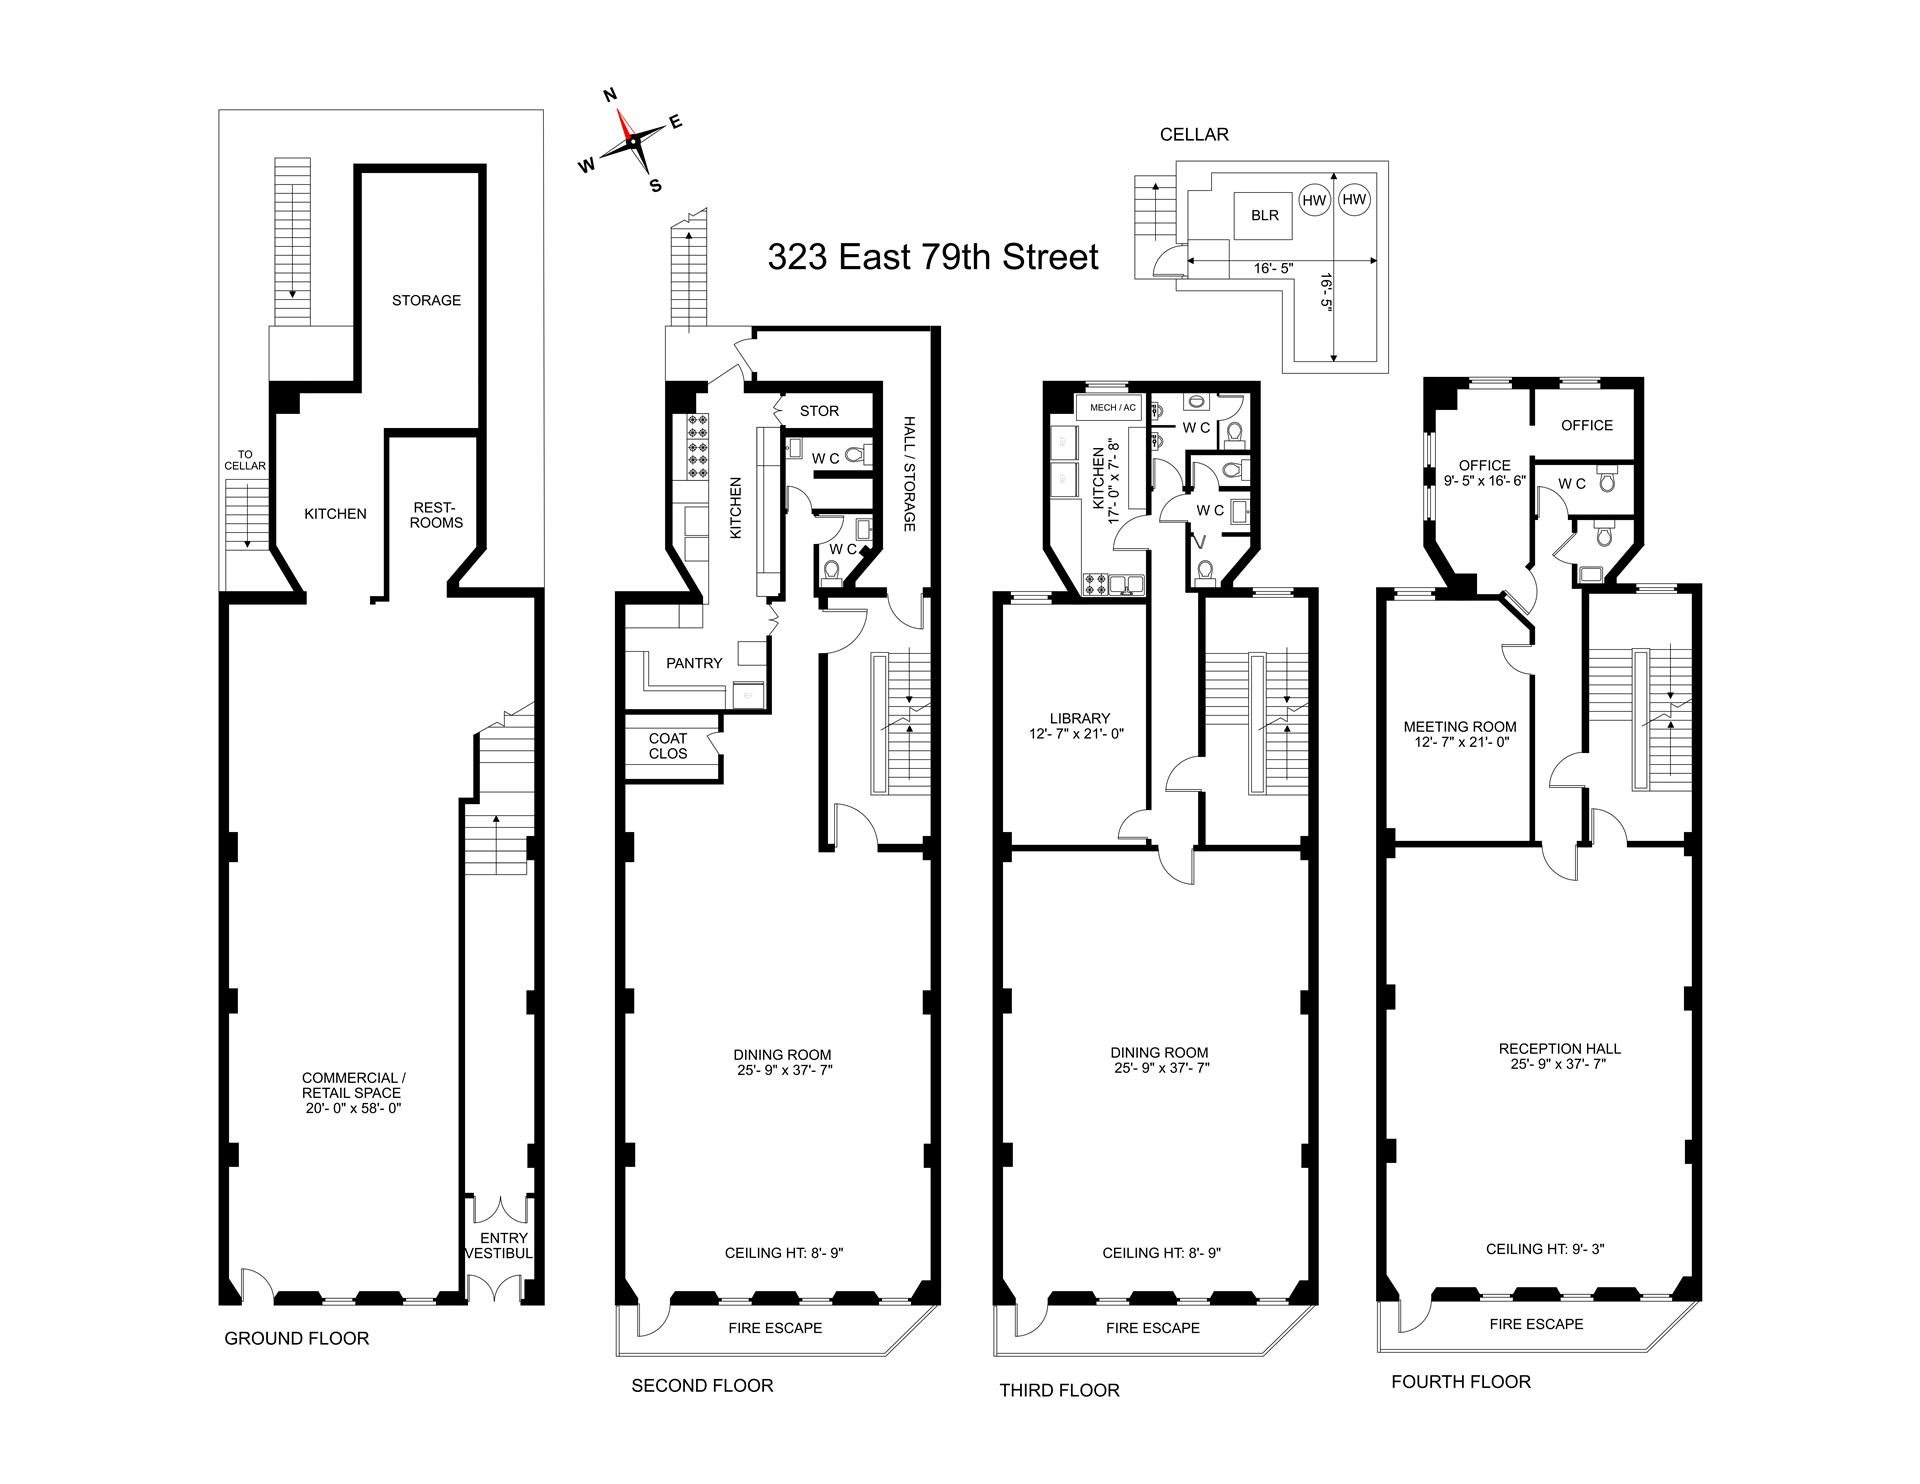 Floor plan of 323 East 79th St - Upper East Side, New York